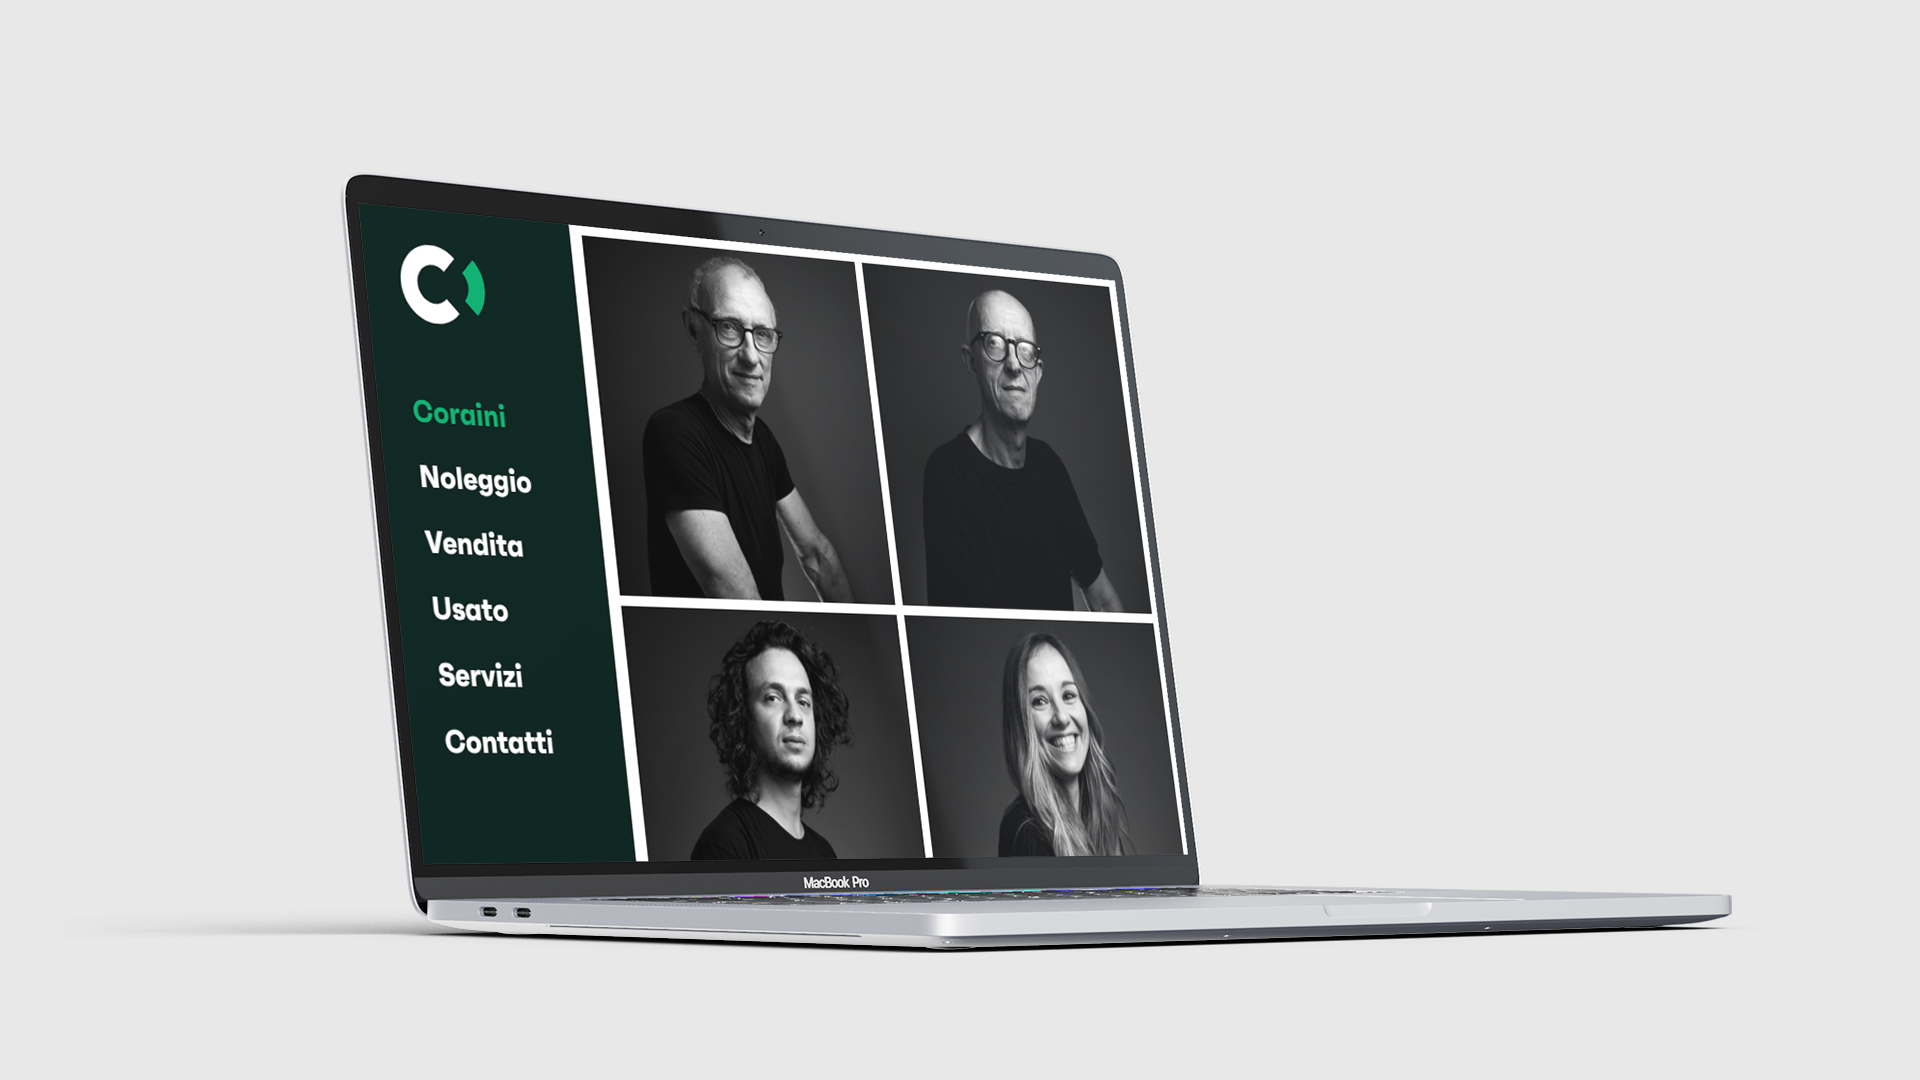 Pagina team - Sito web Coraini srl